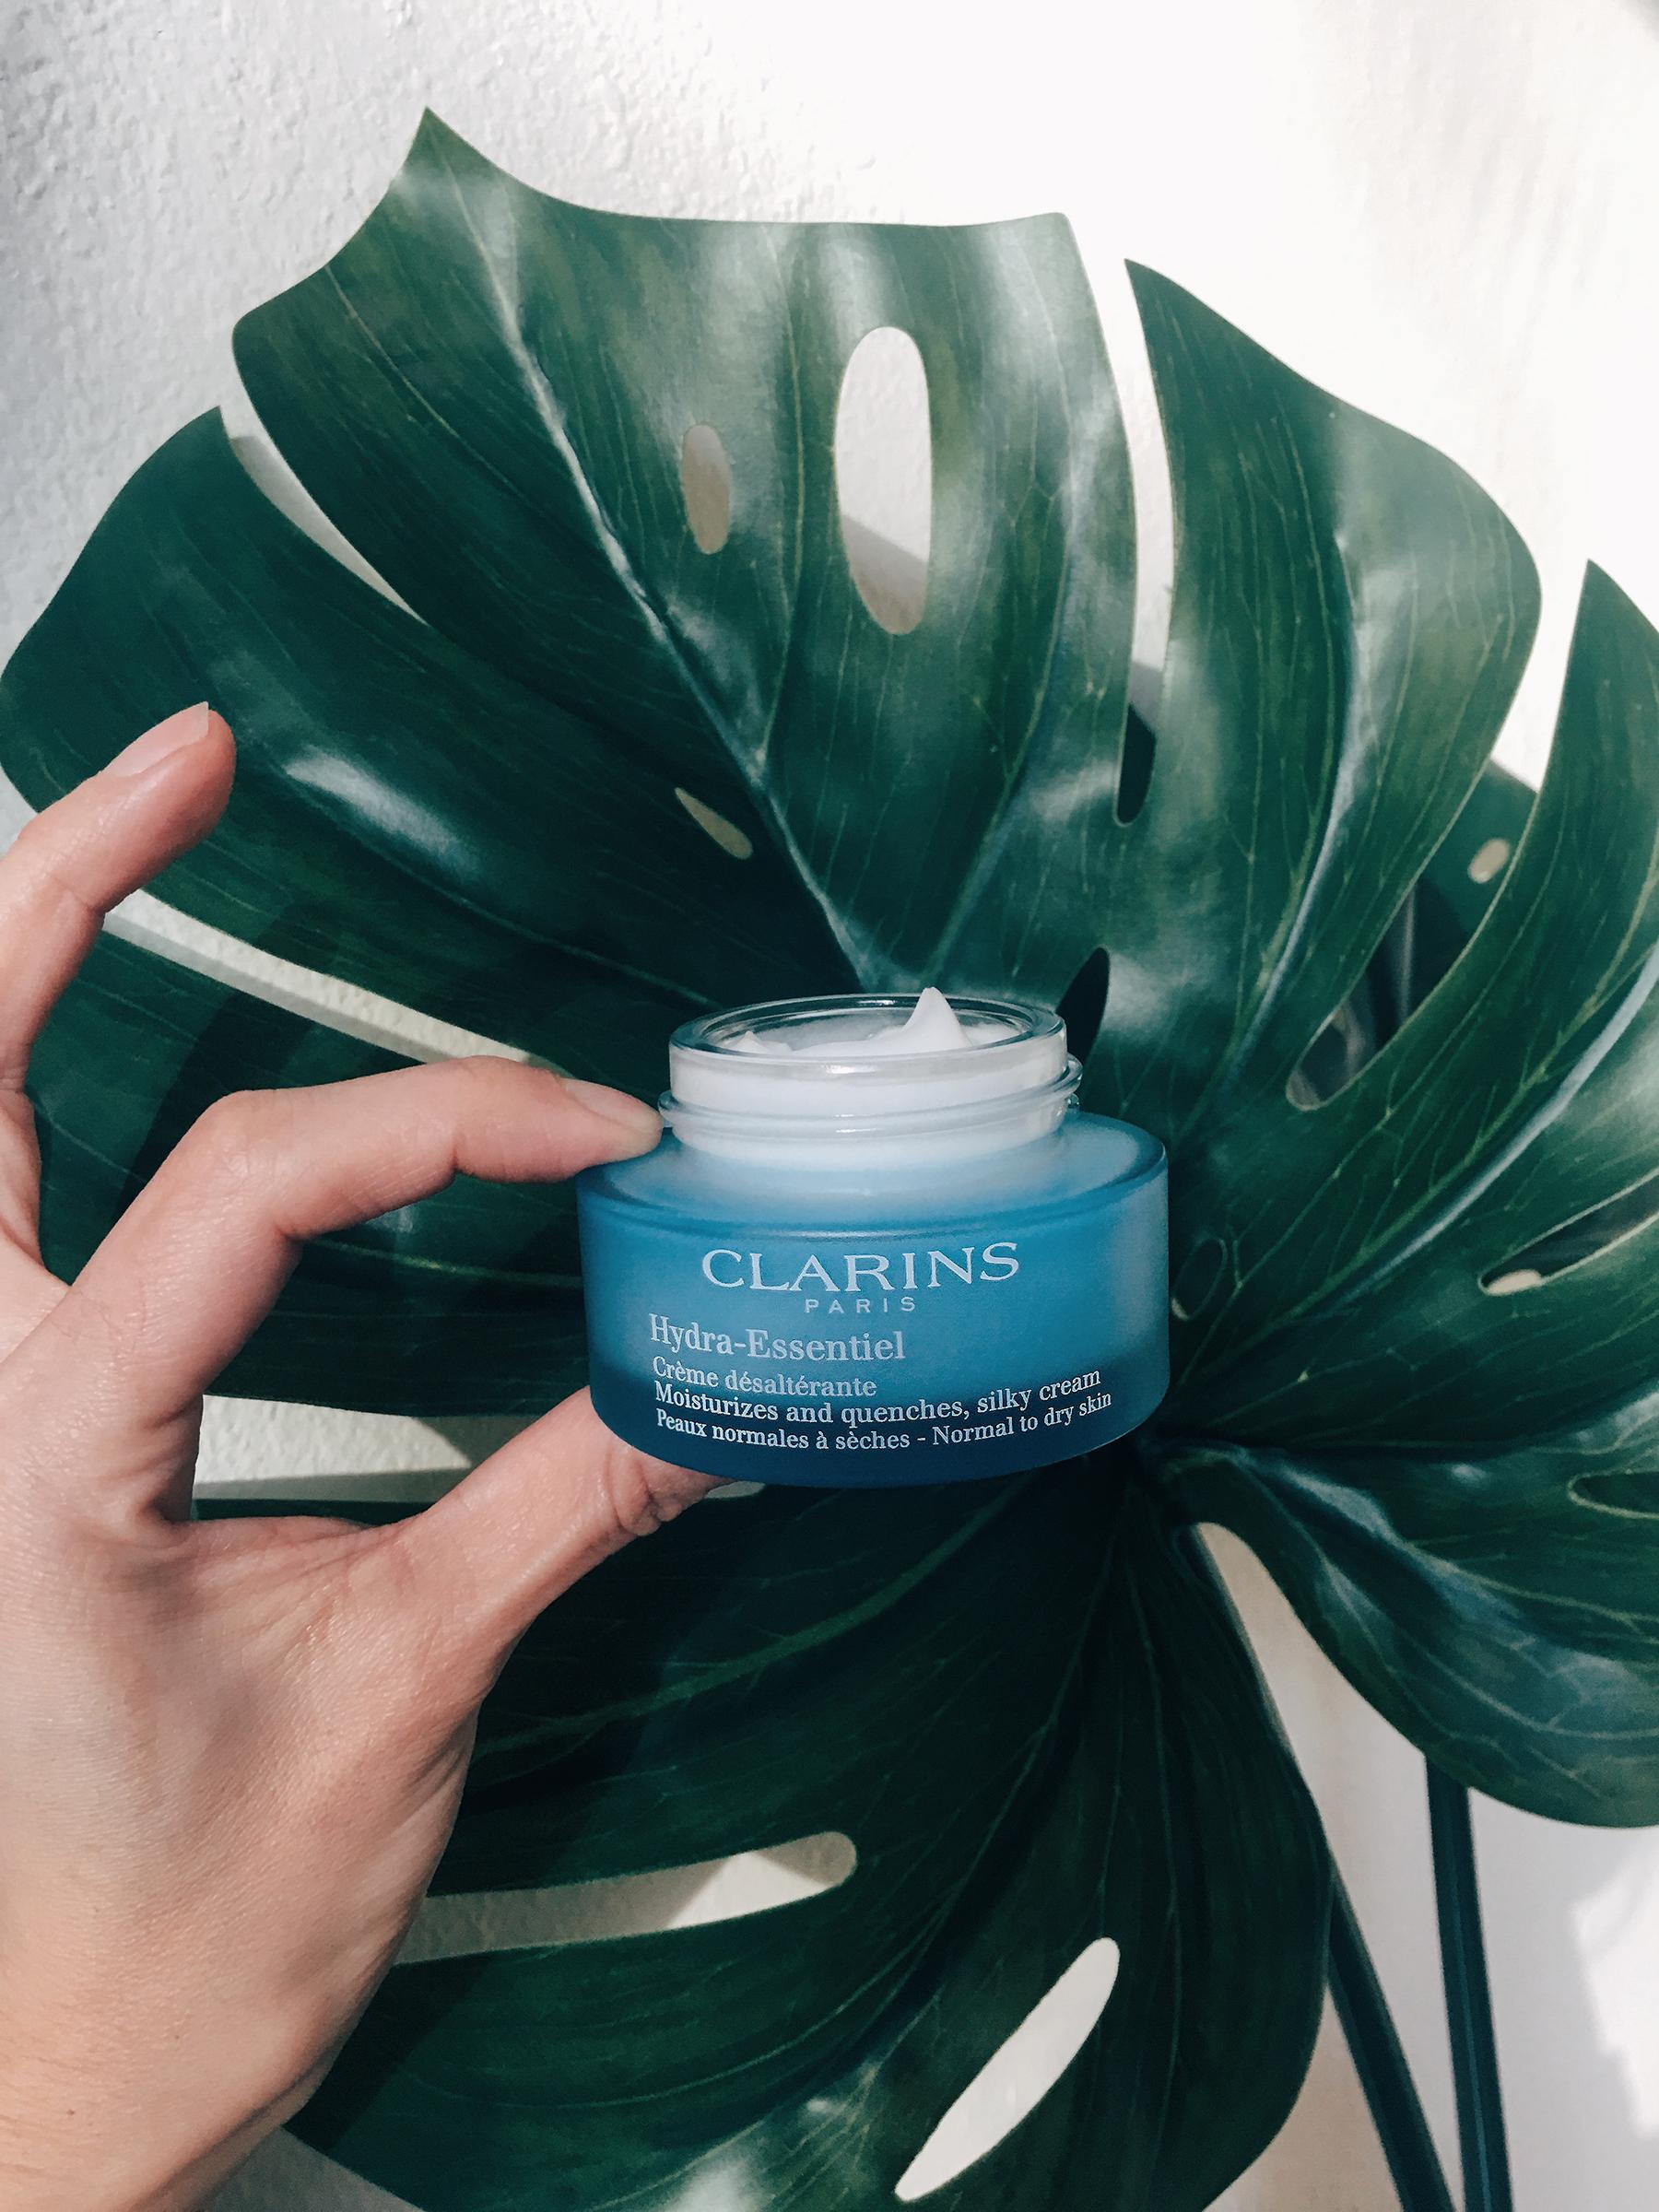 /  Clarins Hydra-Essentiel Silky Cream Moisturizer  /